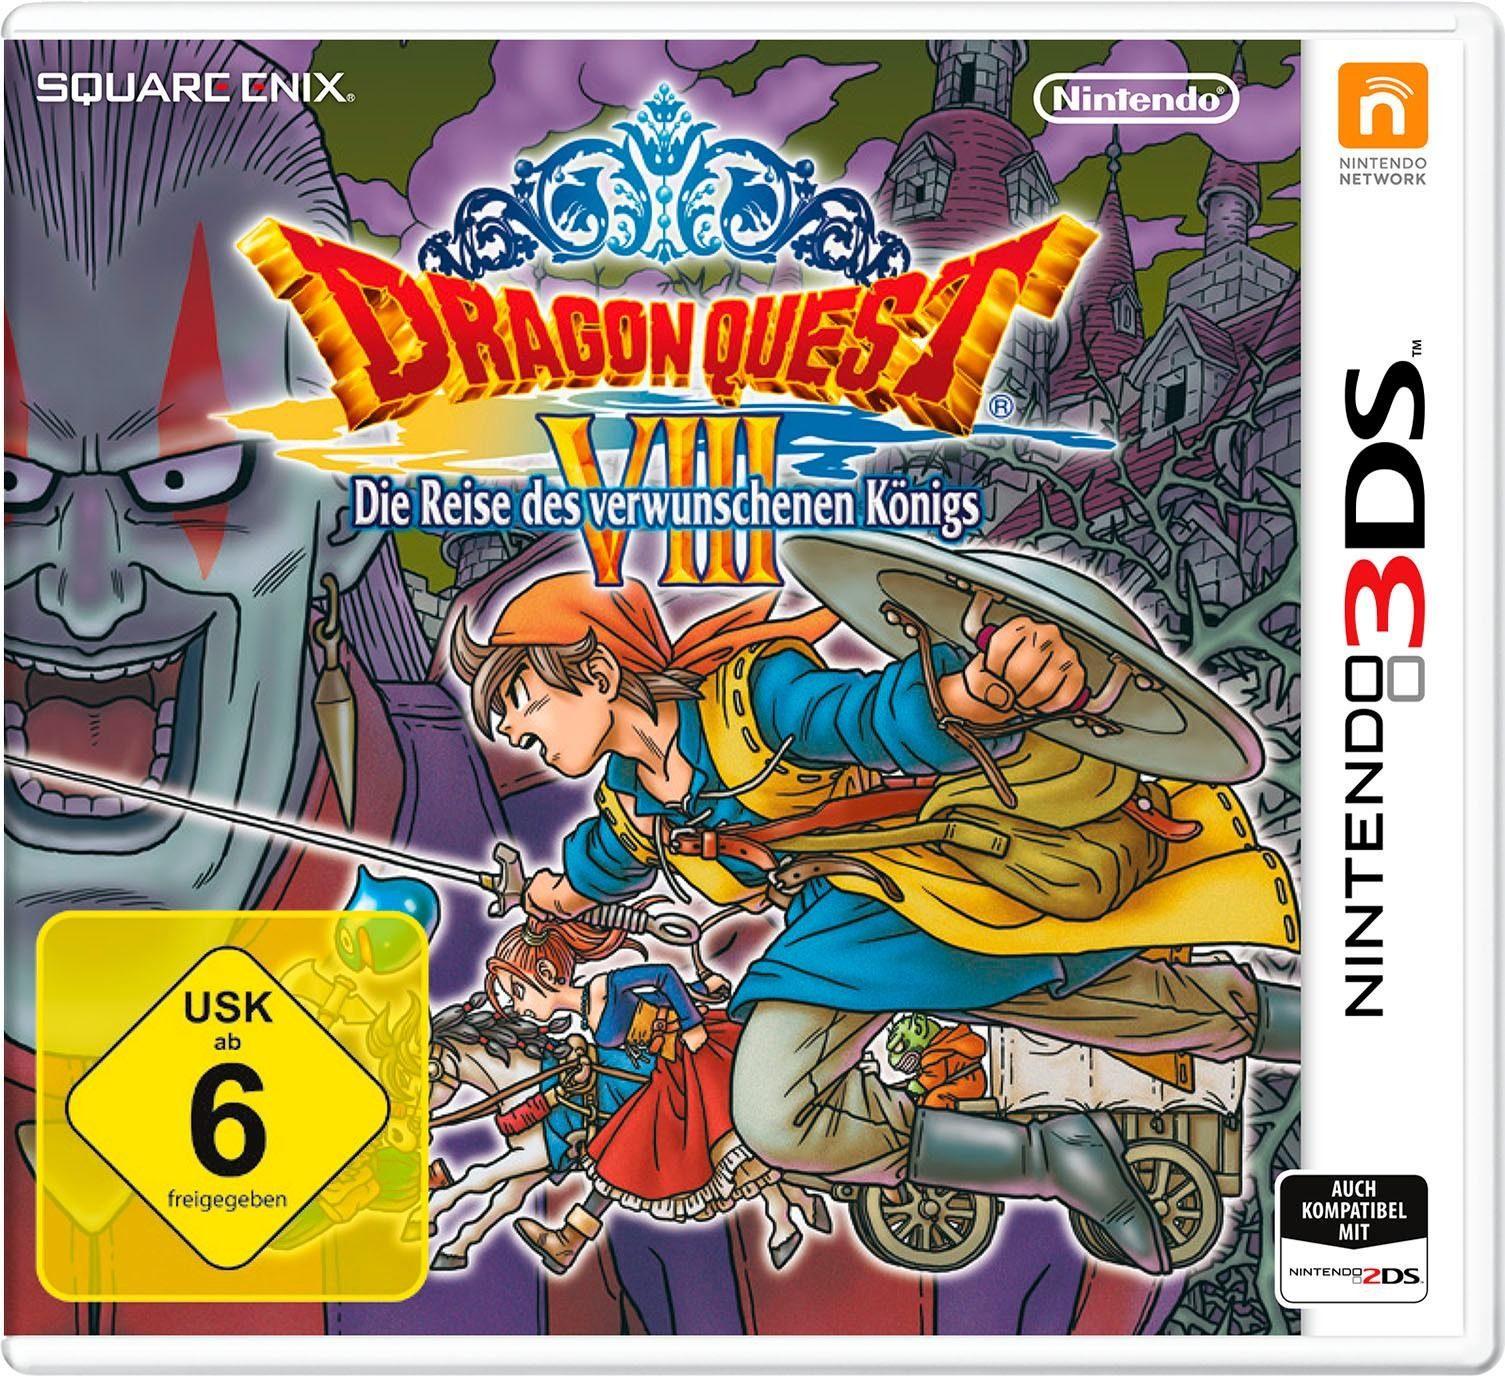 Dragon Quest VIII: Die Reise des verwunschenen Königs Nintendo 3DS